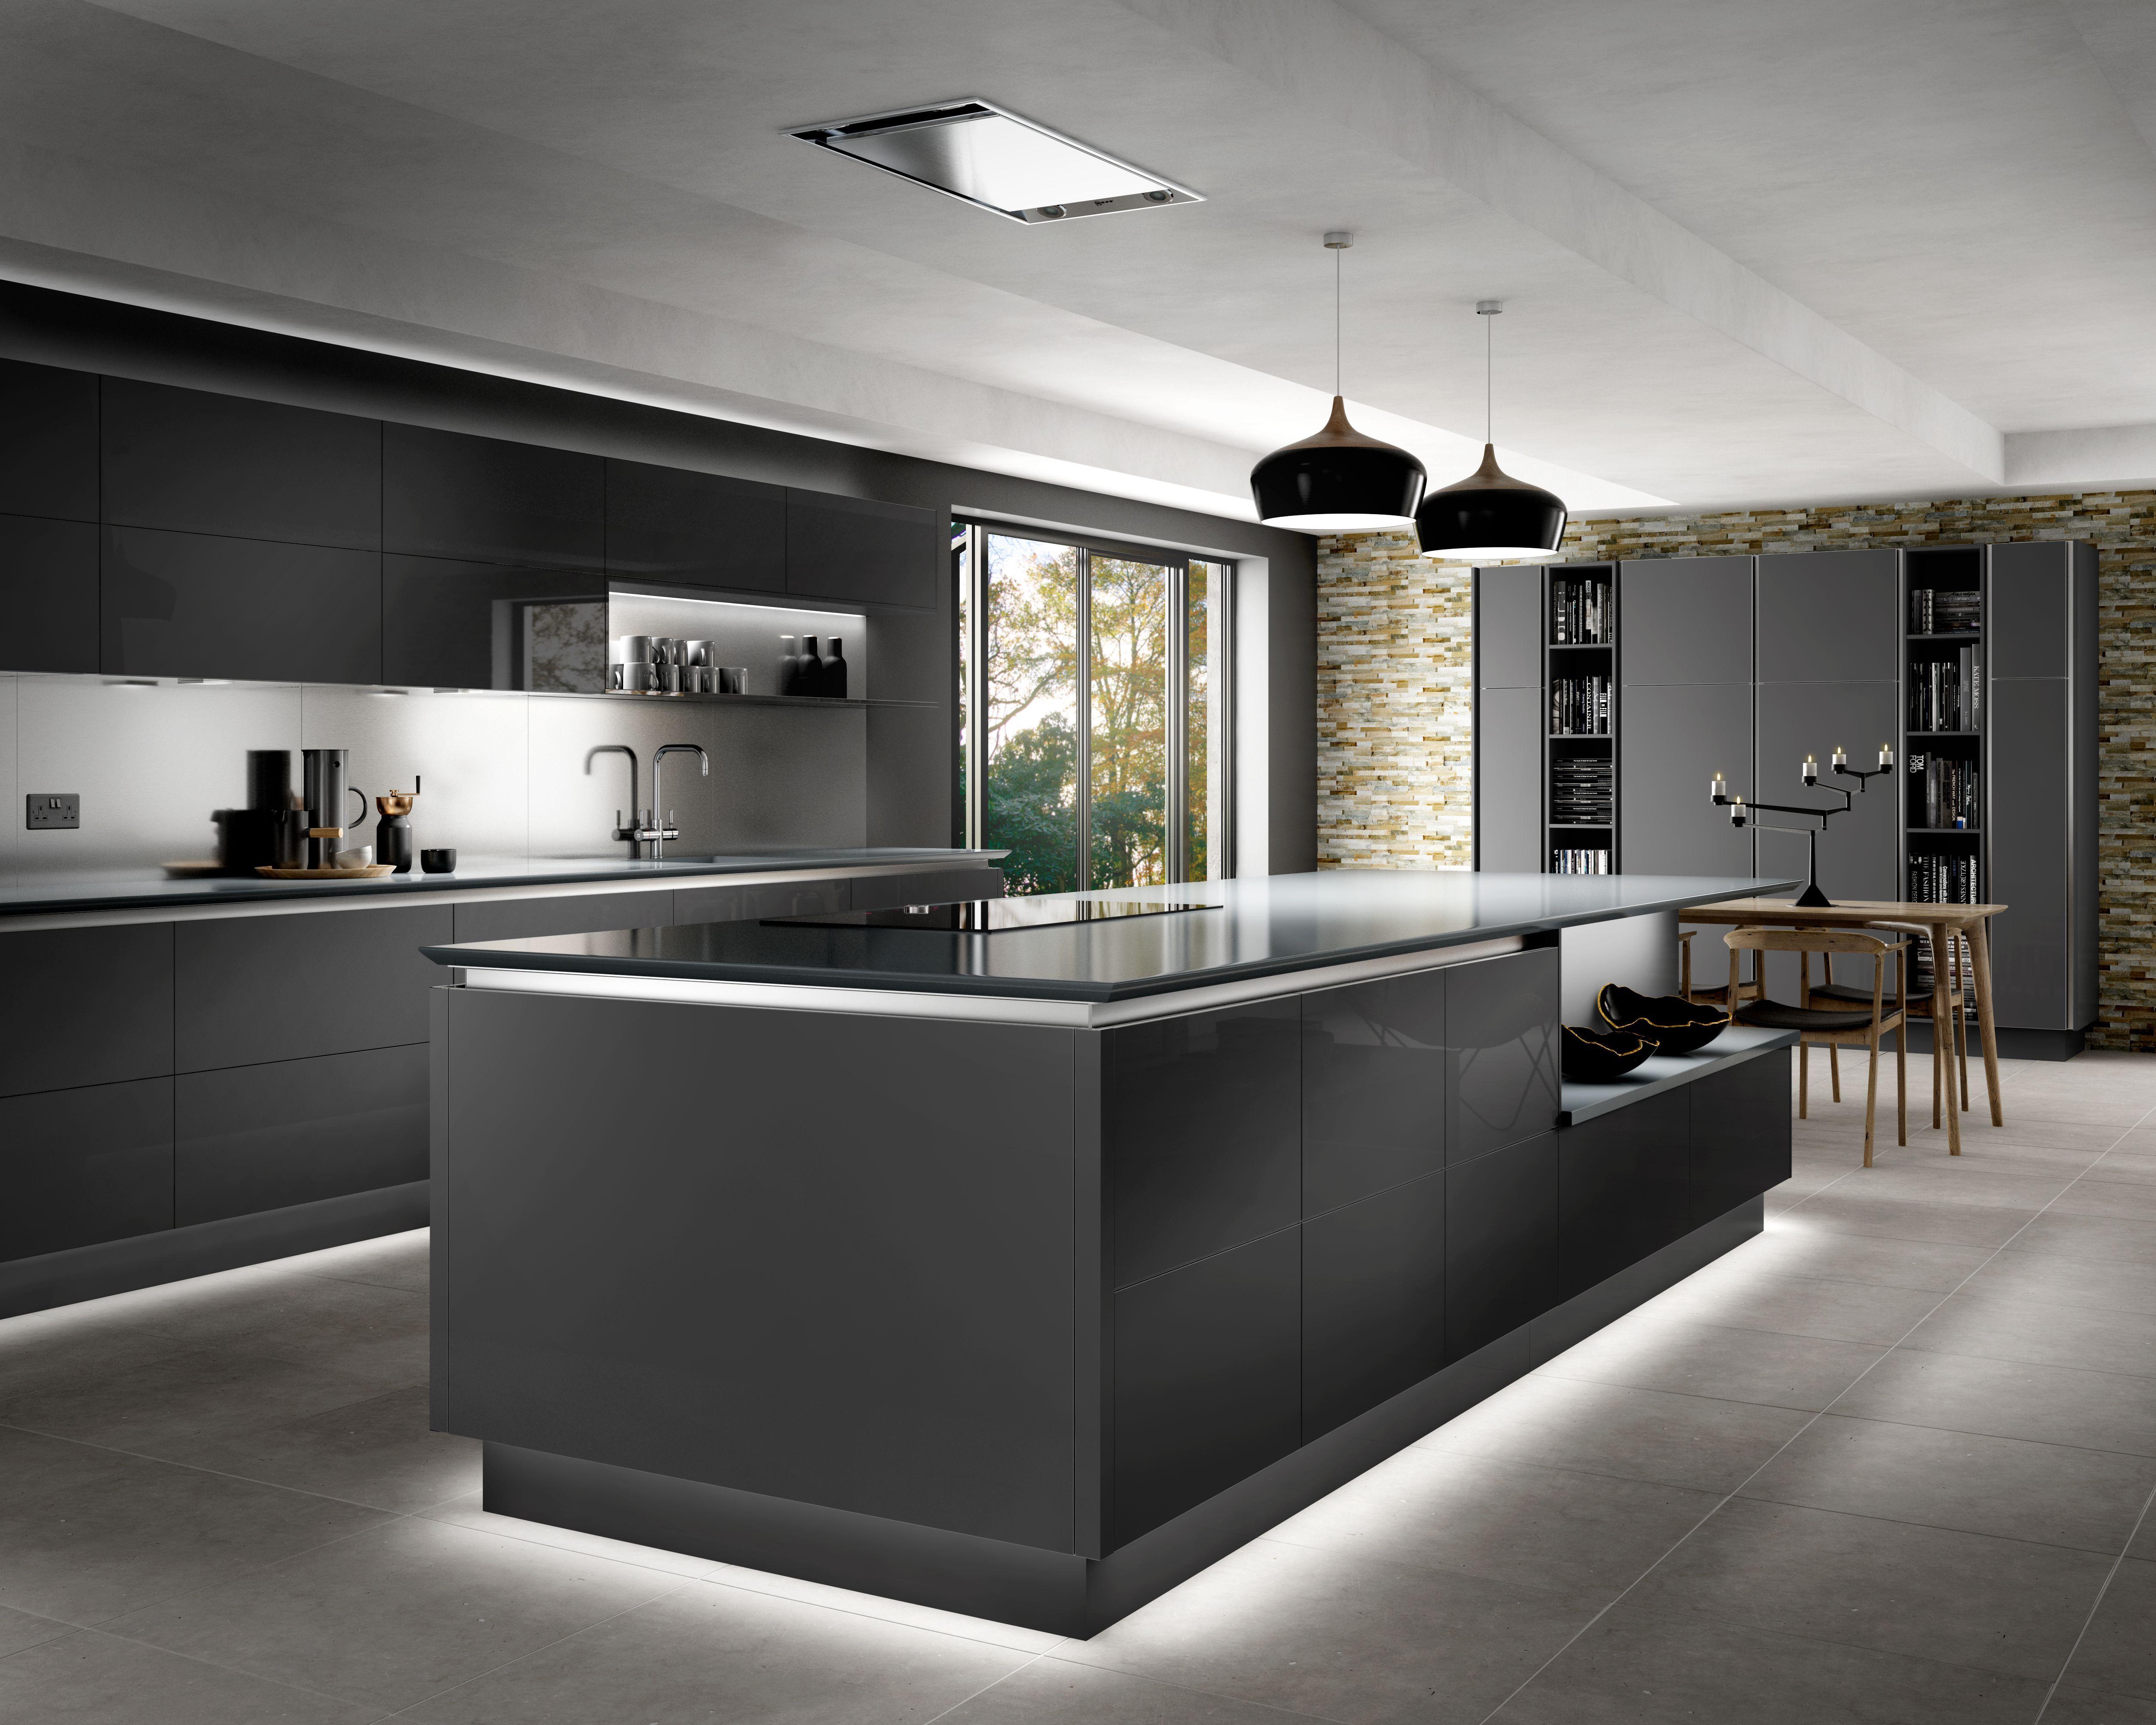 Intelliga Esker Contemporary Kitchen Range Wickes.co.uk